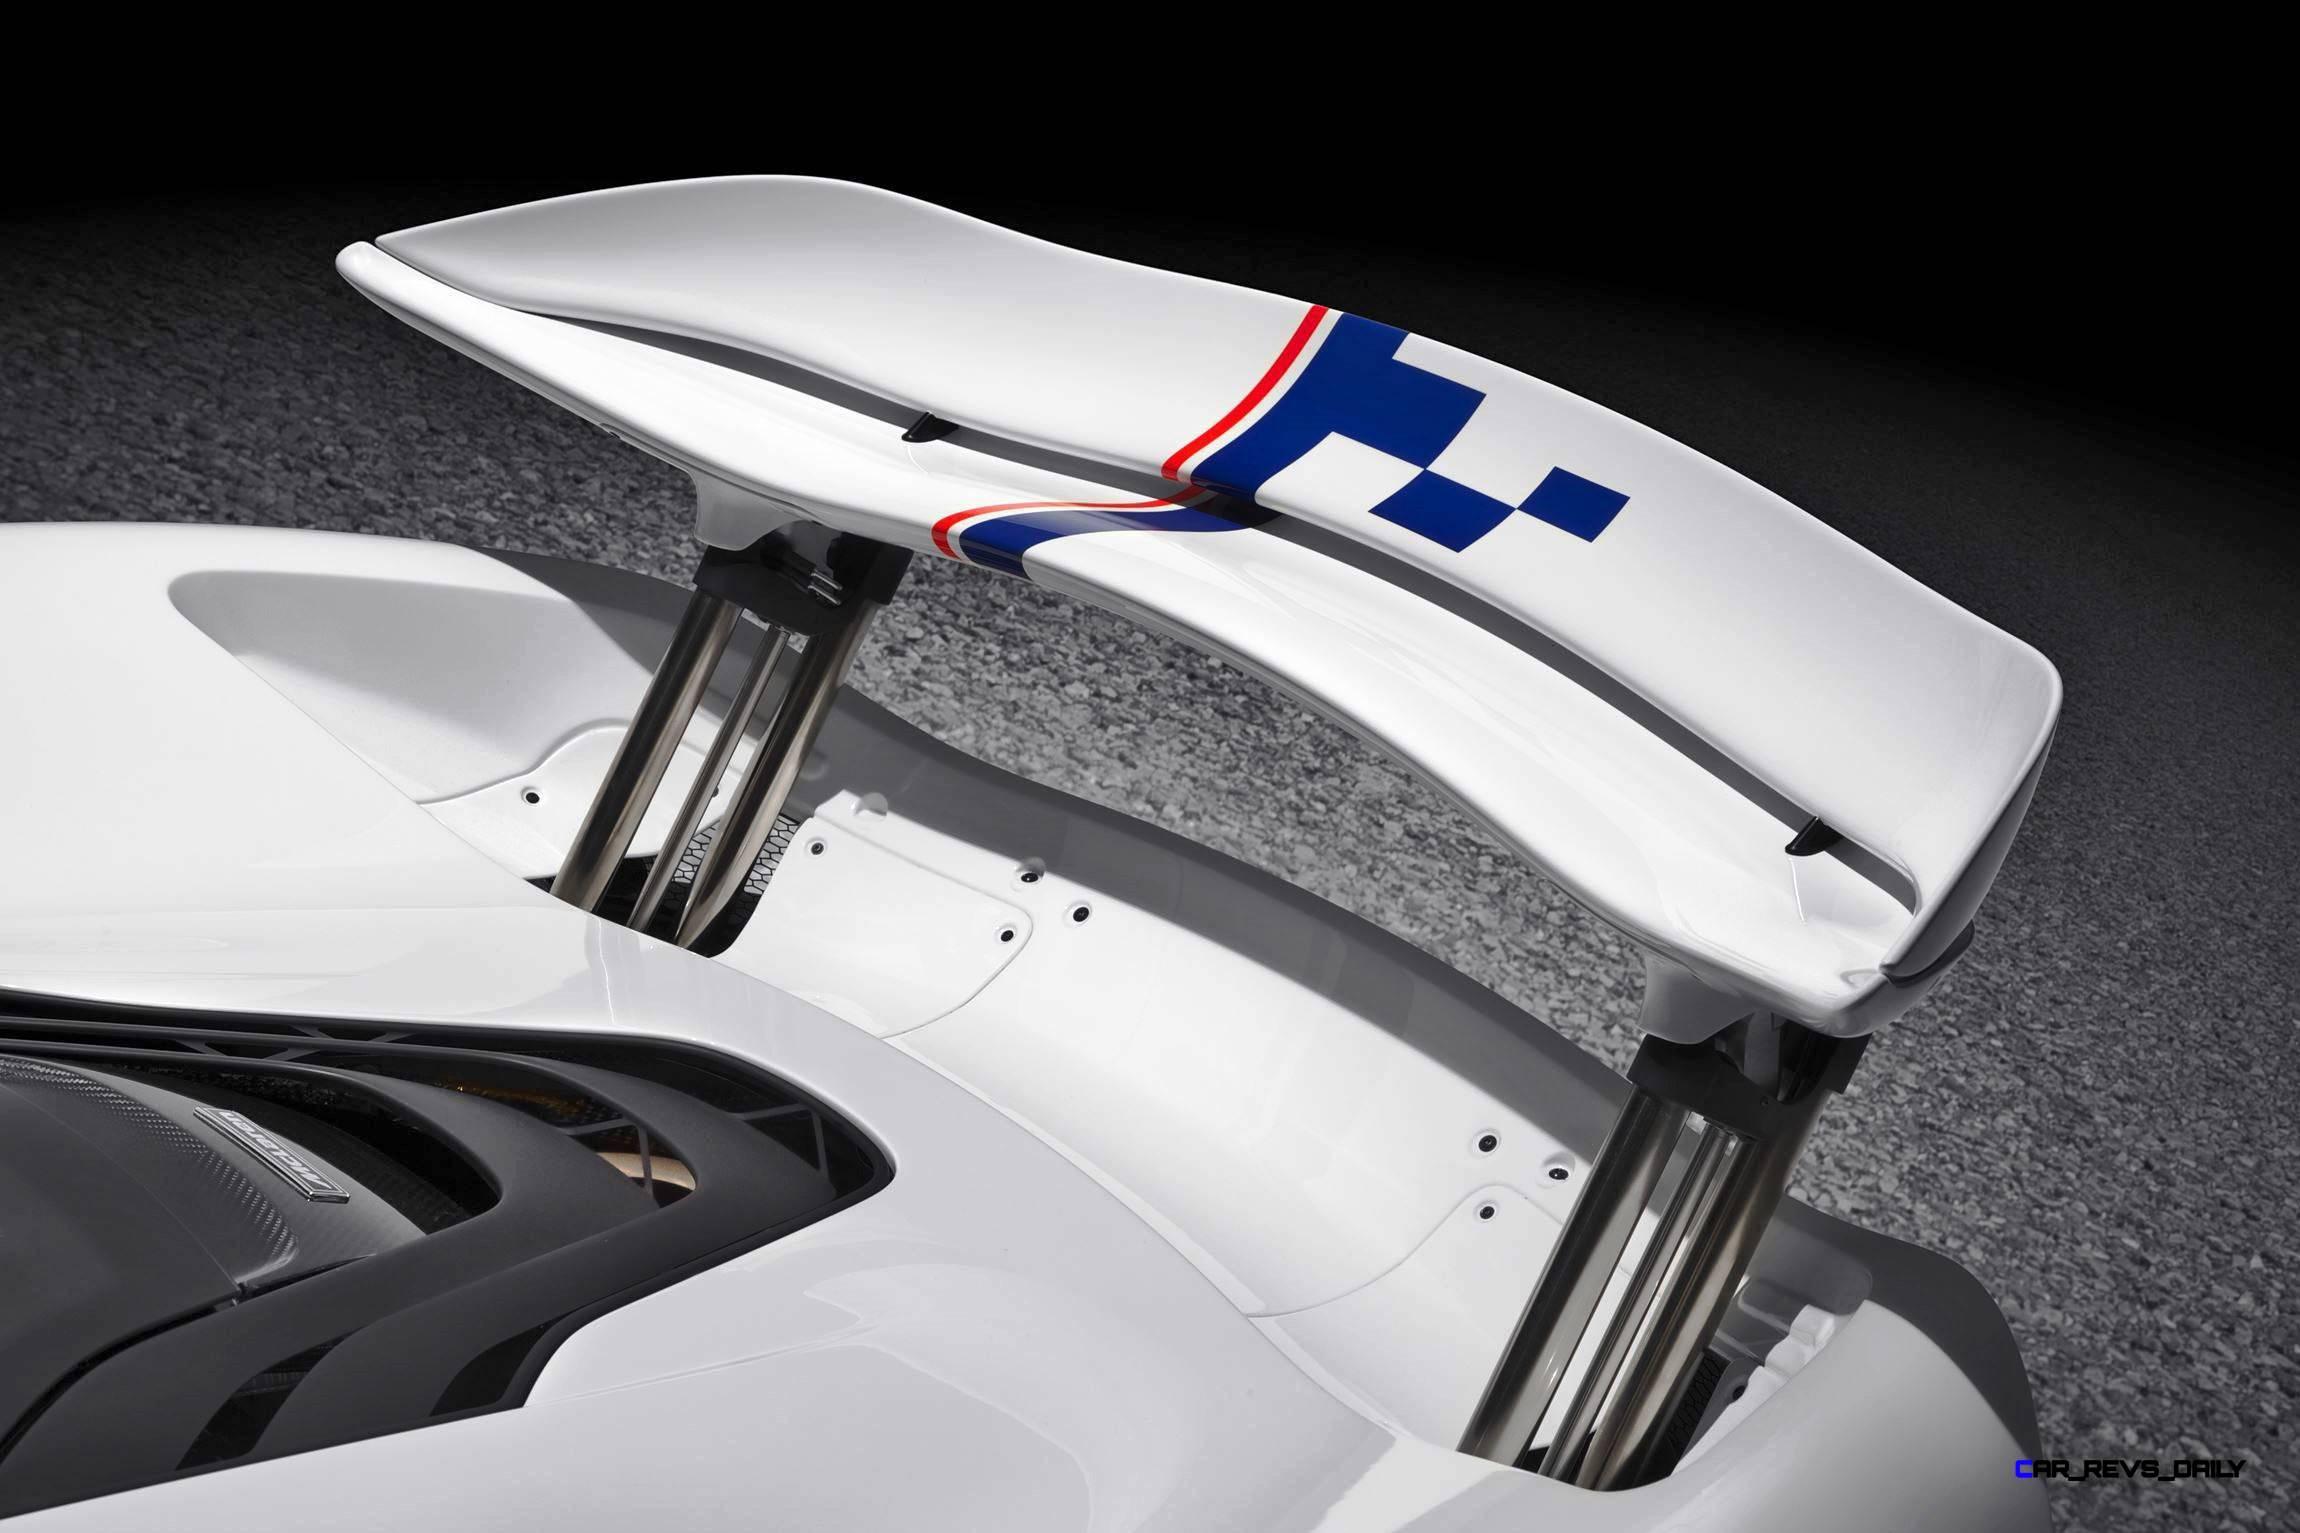 http://www.car-revs-daily.com/wp-content/uploads/2015/06/2015-McLaren-P1-Prost-8.jpg